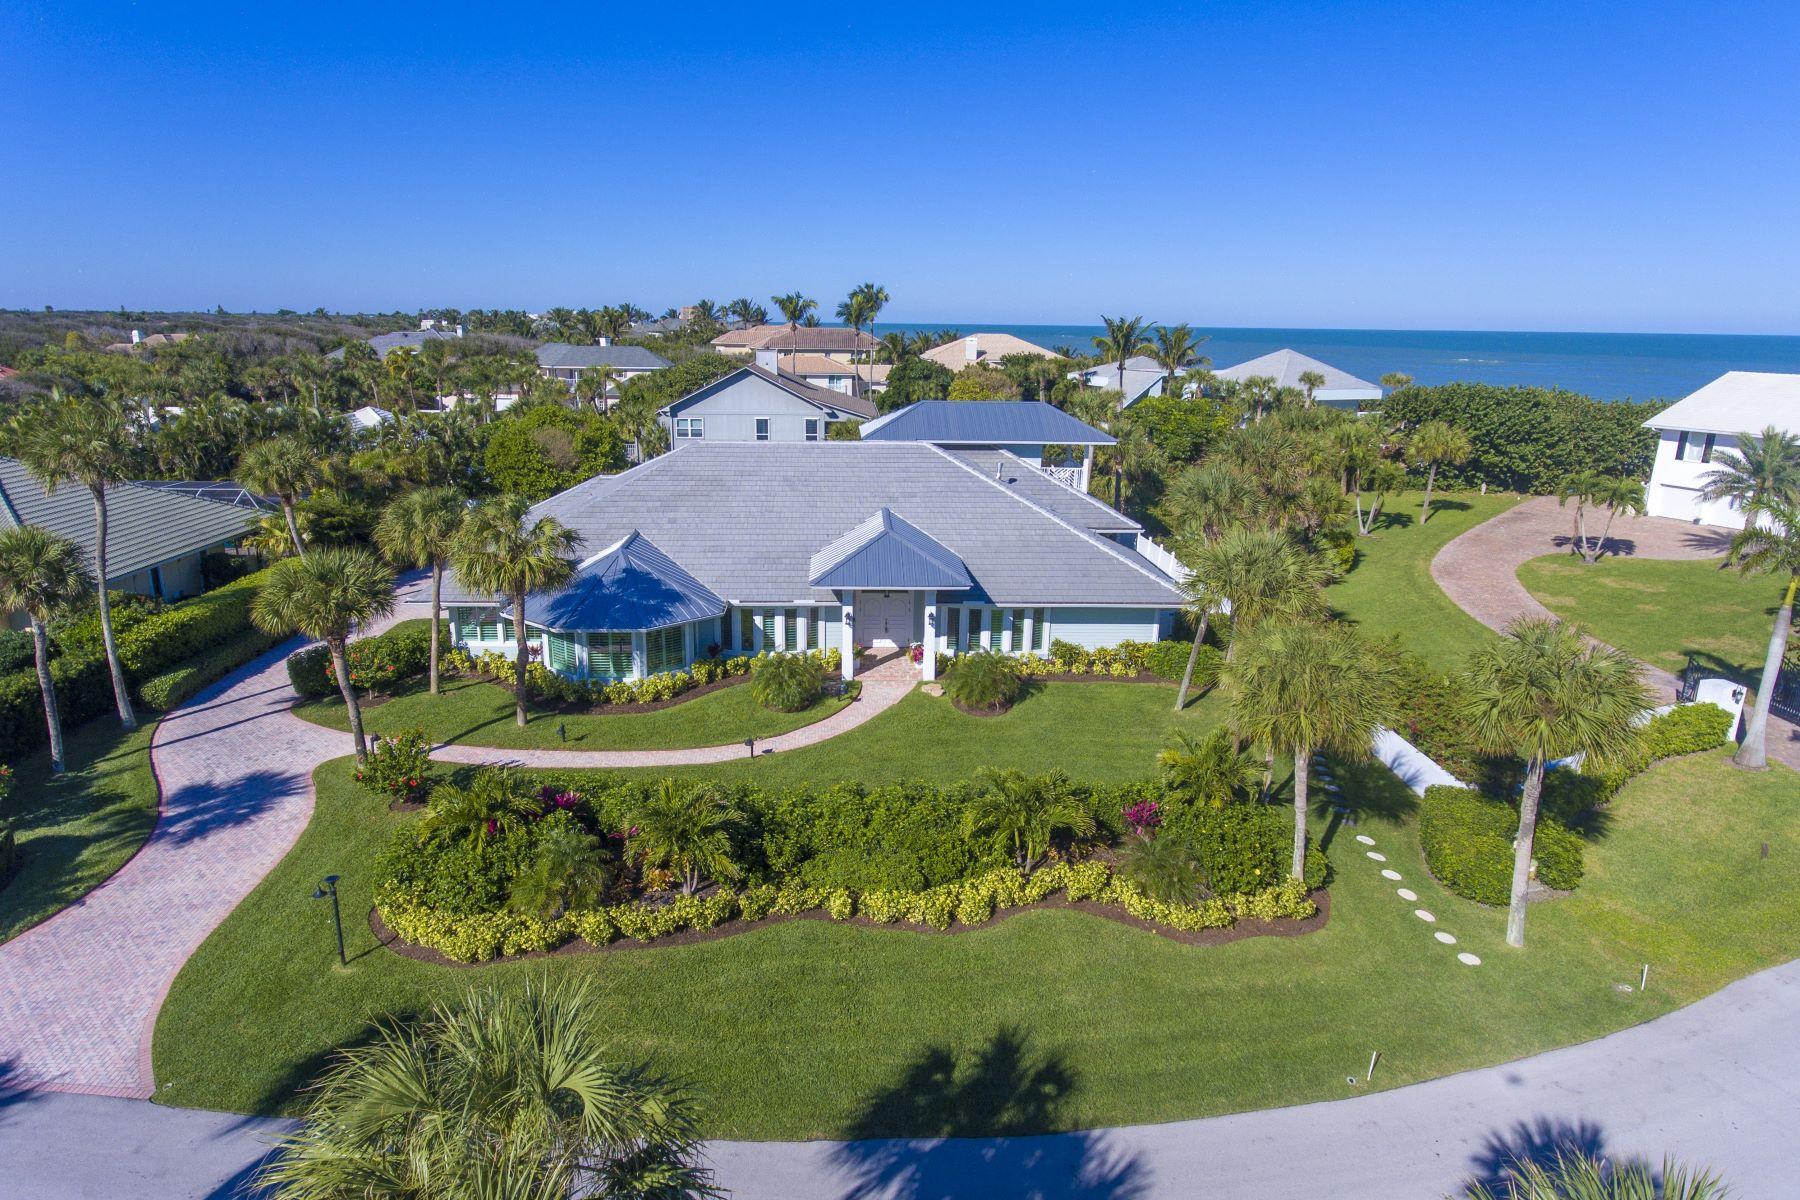 909 Holoma Drive, Vero Beach, FL 909 Holoma Drive Vero Beach, Florida 32963 Estados Unidos